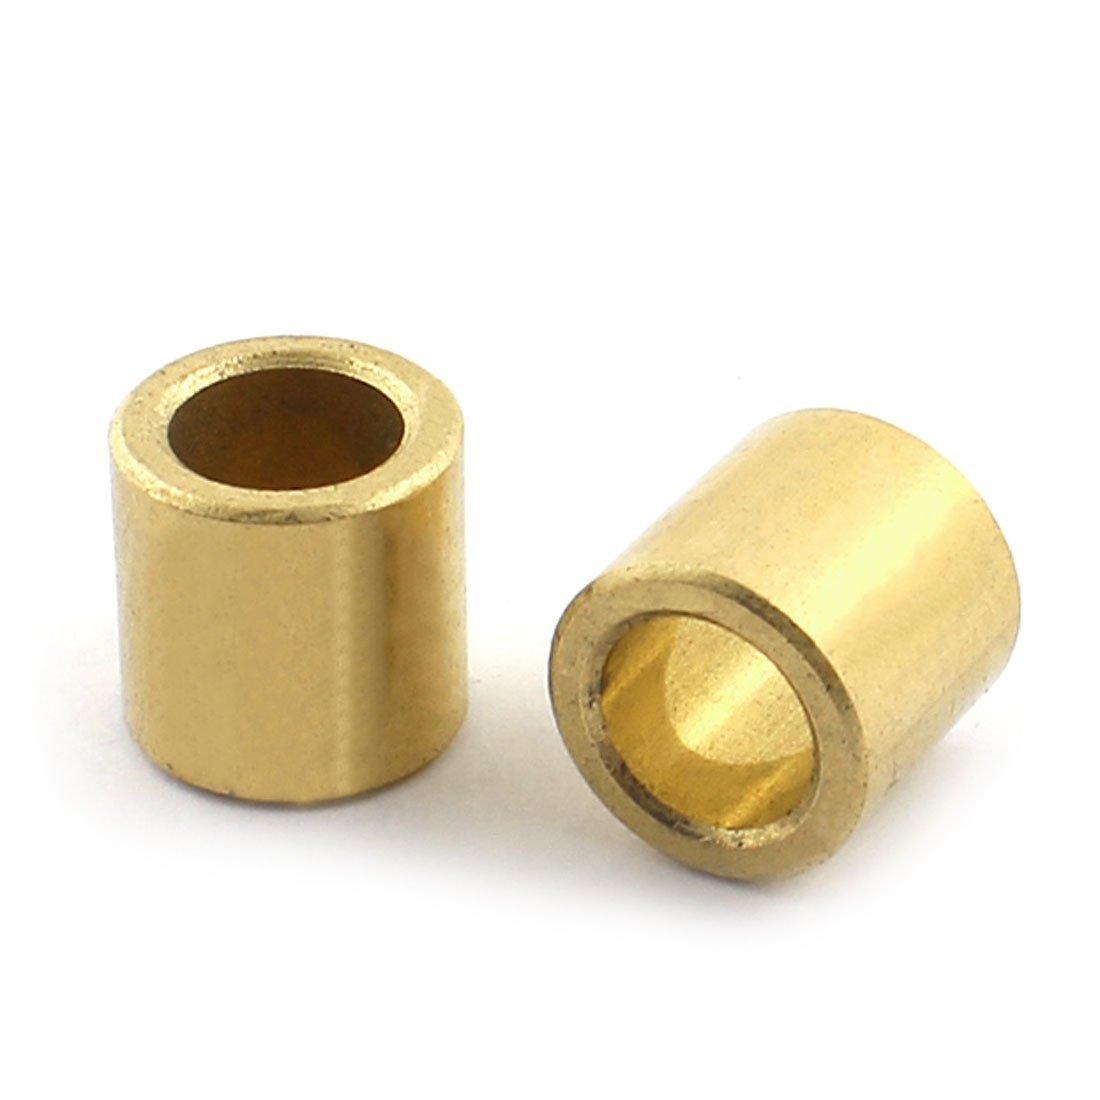 2 piezas de bronce sinterizado impregnado en aceite casquillo de cojinete de la manga 8x12x12mm DealMux DLM-B00UJ9CF28